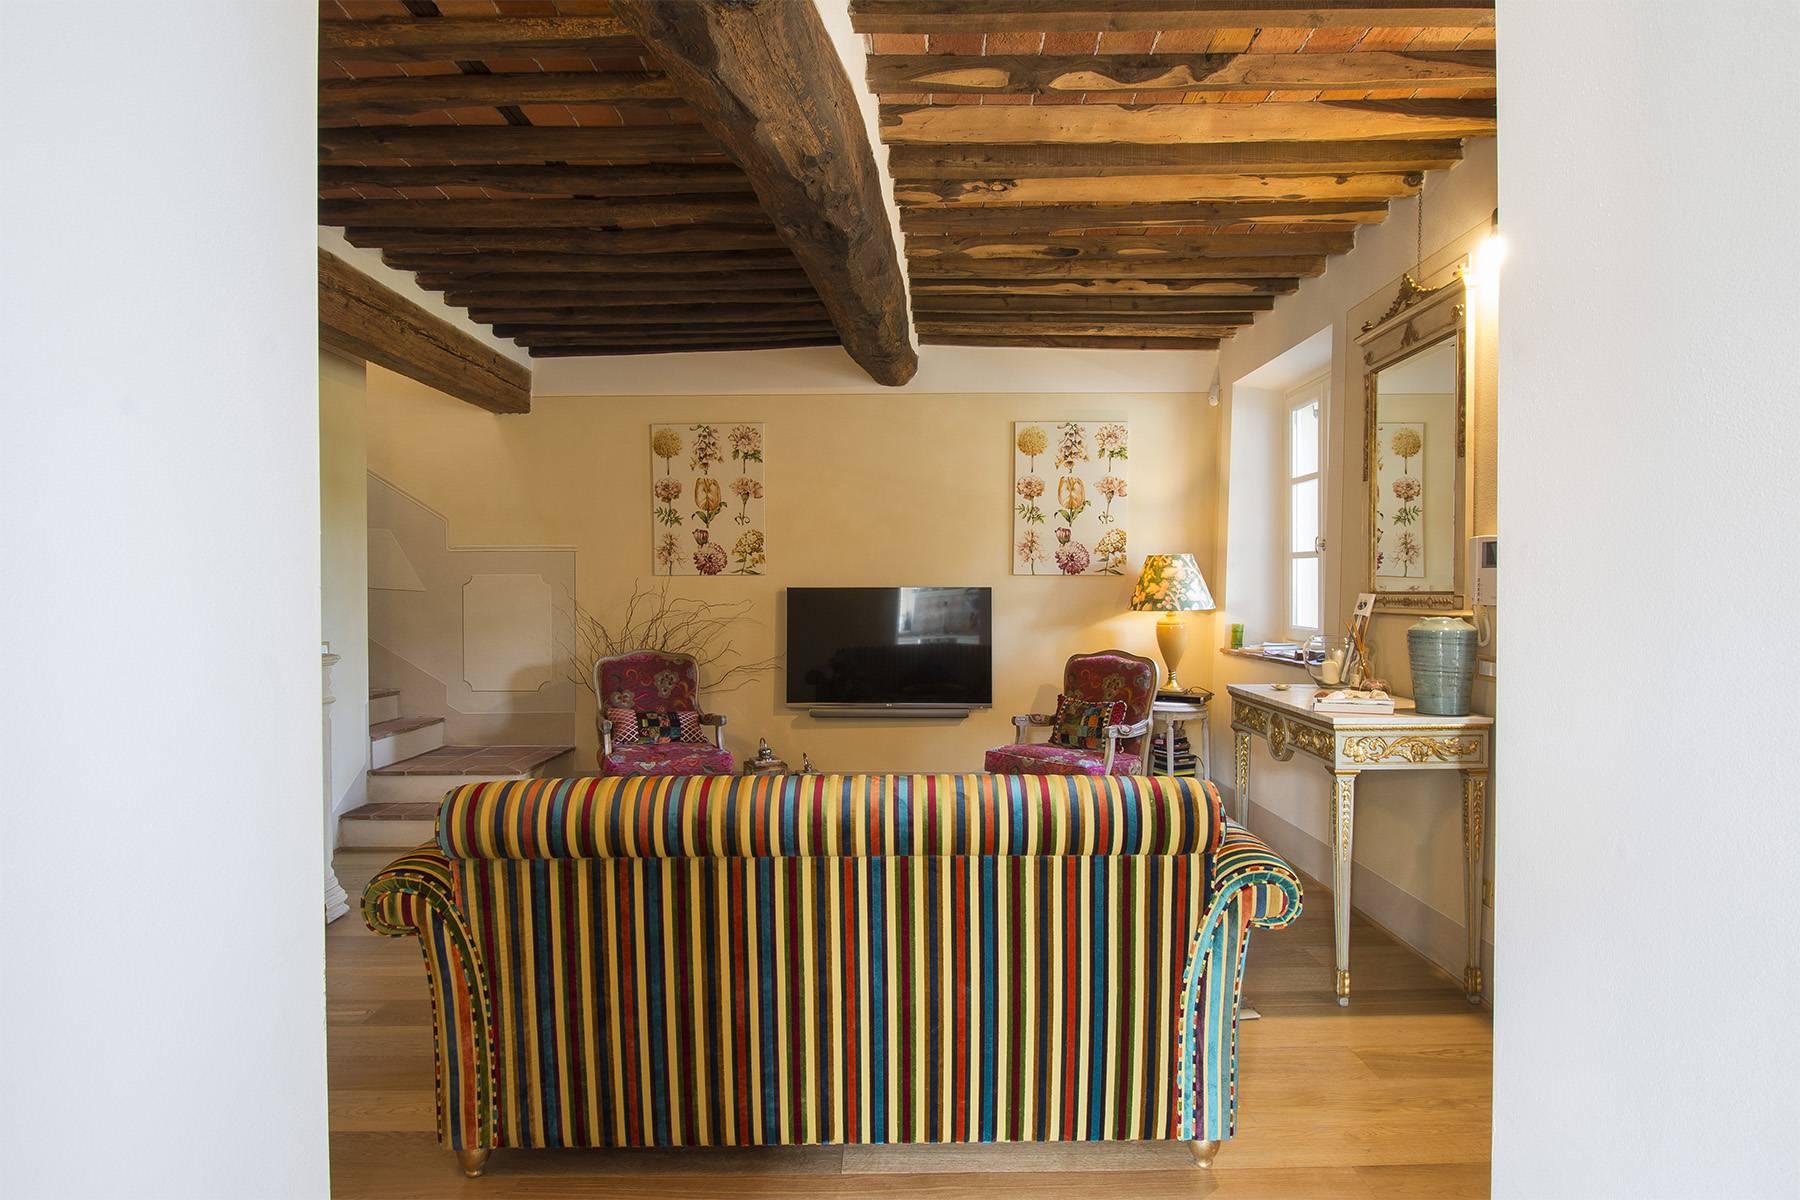 Casa indipendente in Vendita a Lucca: 5 locali, 130 mq - Foto 6